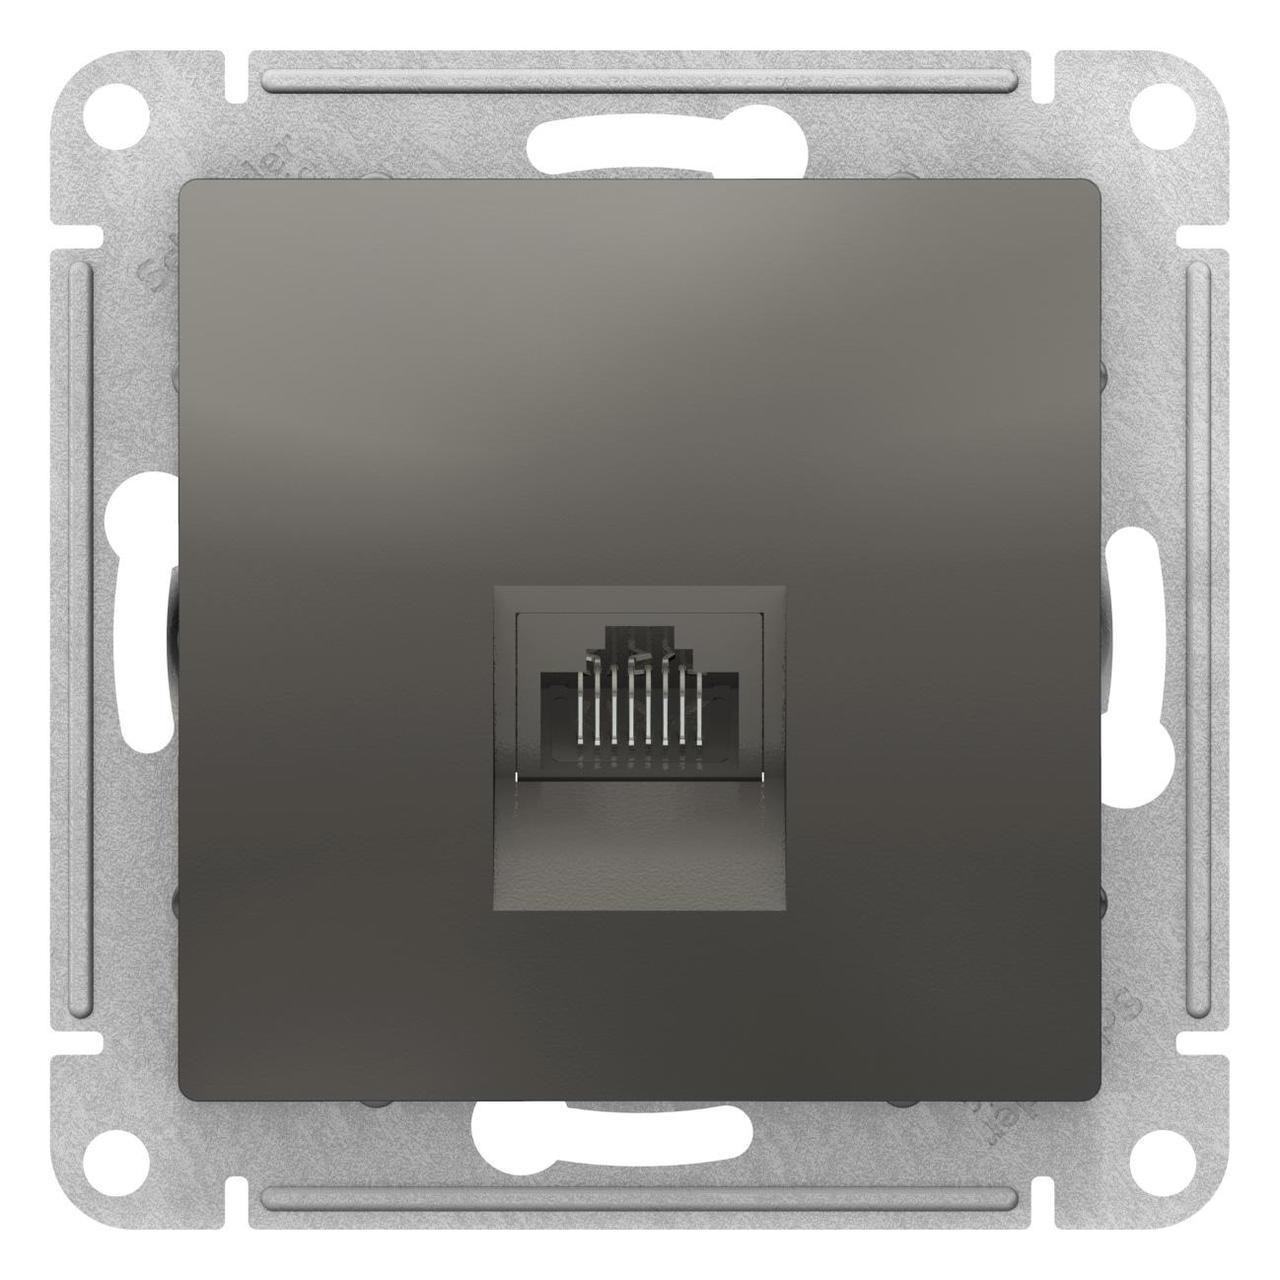 Розетка компьютерная 1-ая кат.5е, RJ-45 (интернет) , Сталь, серия Atlas Design, Schneider Electric